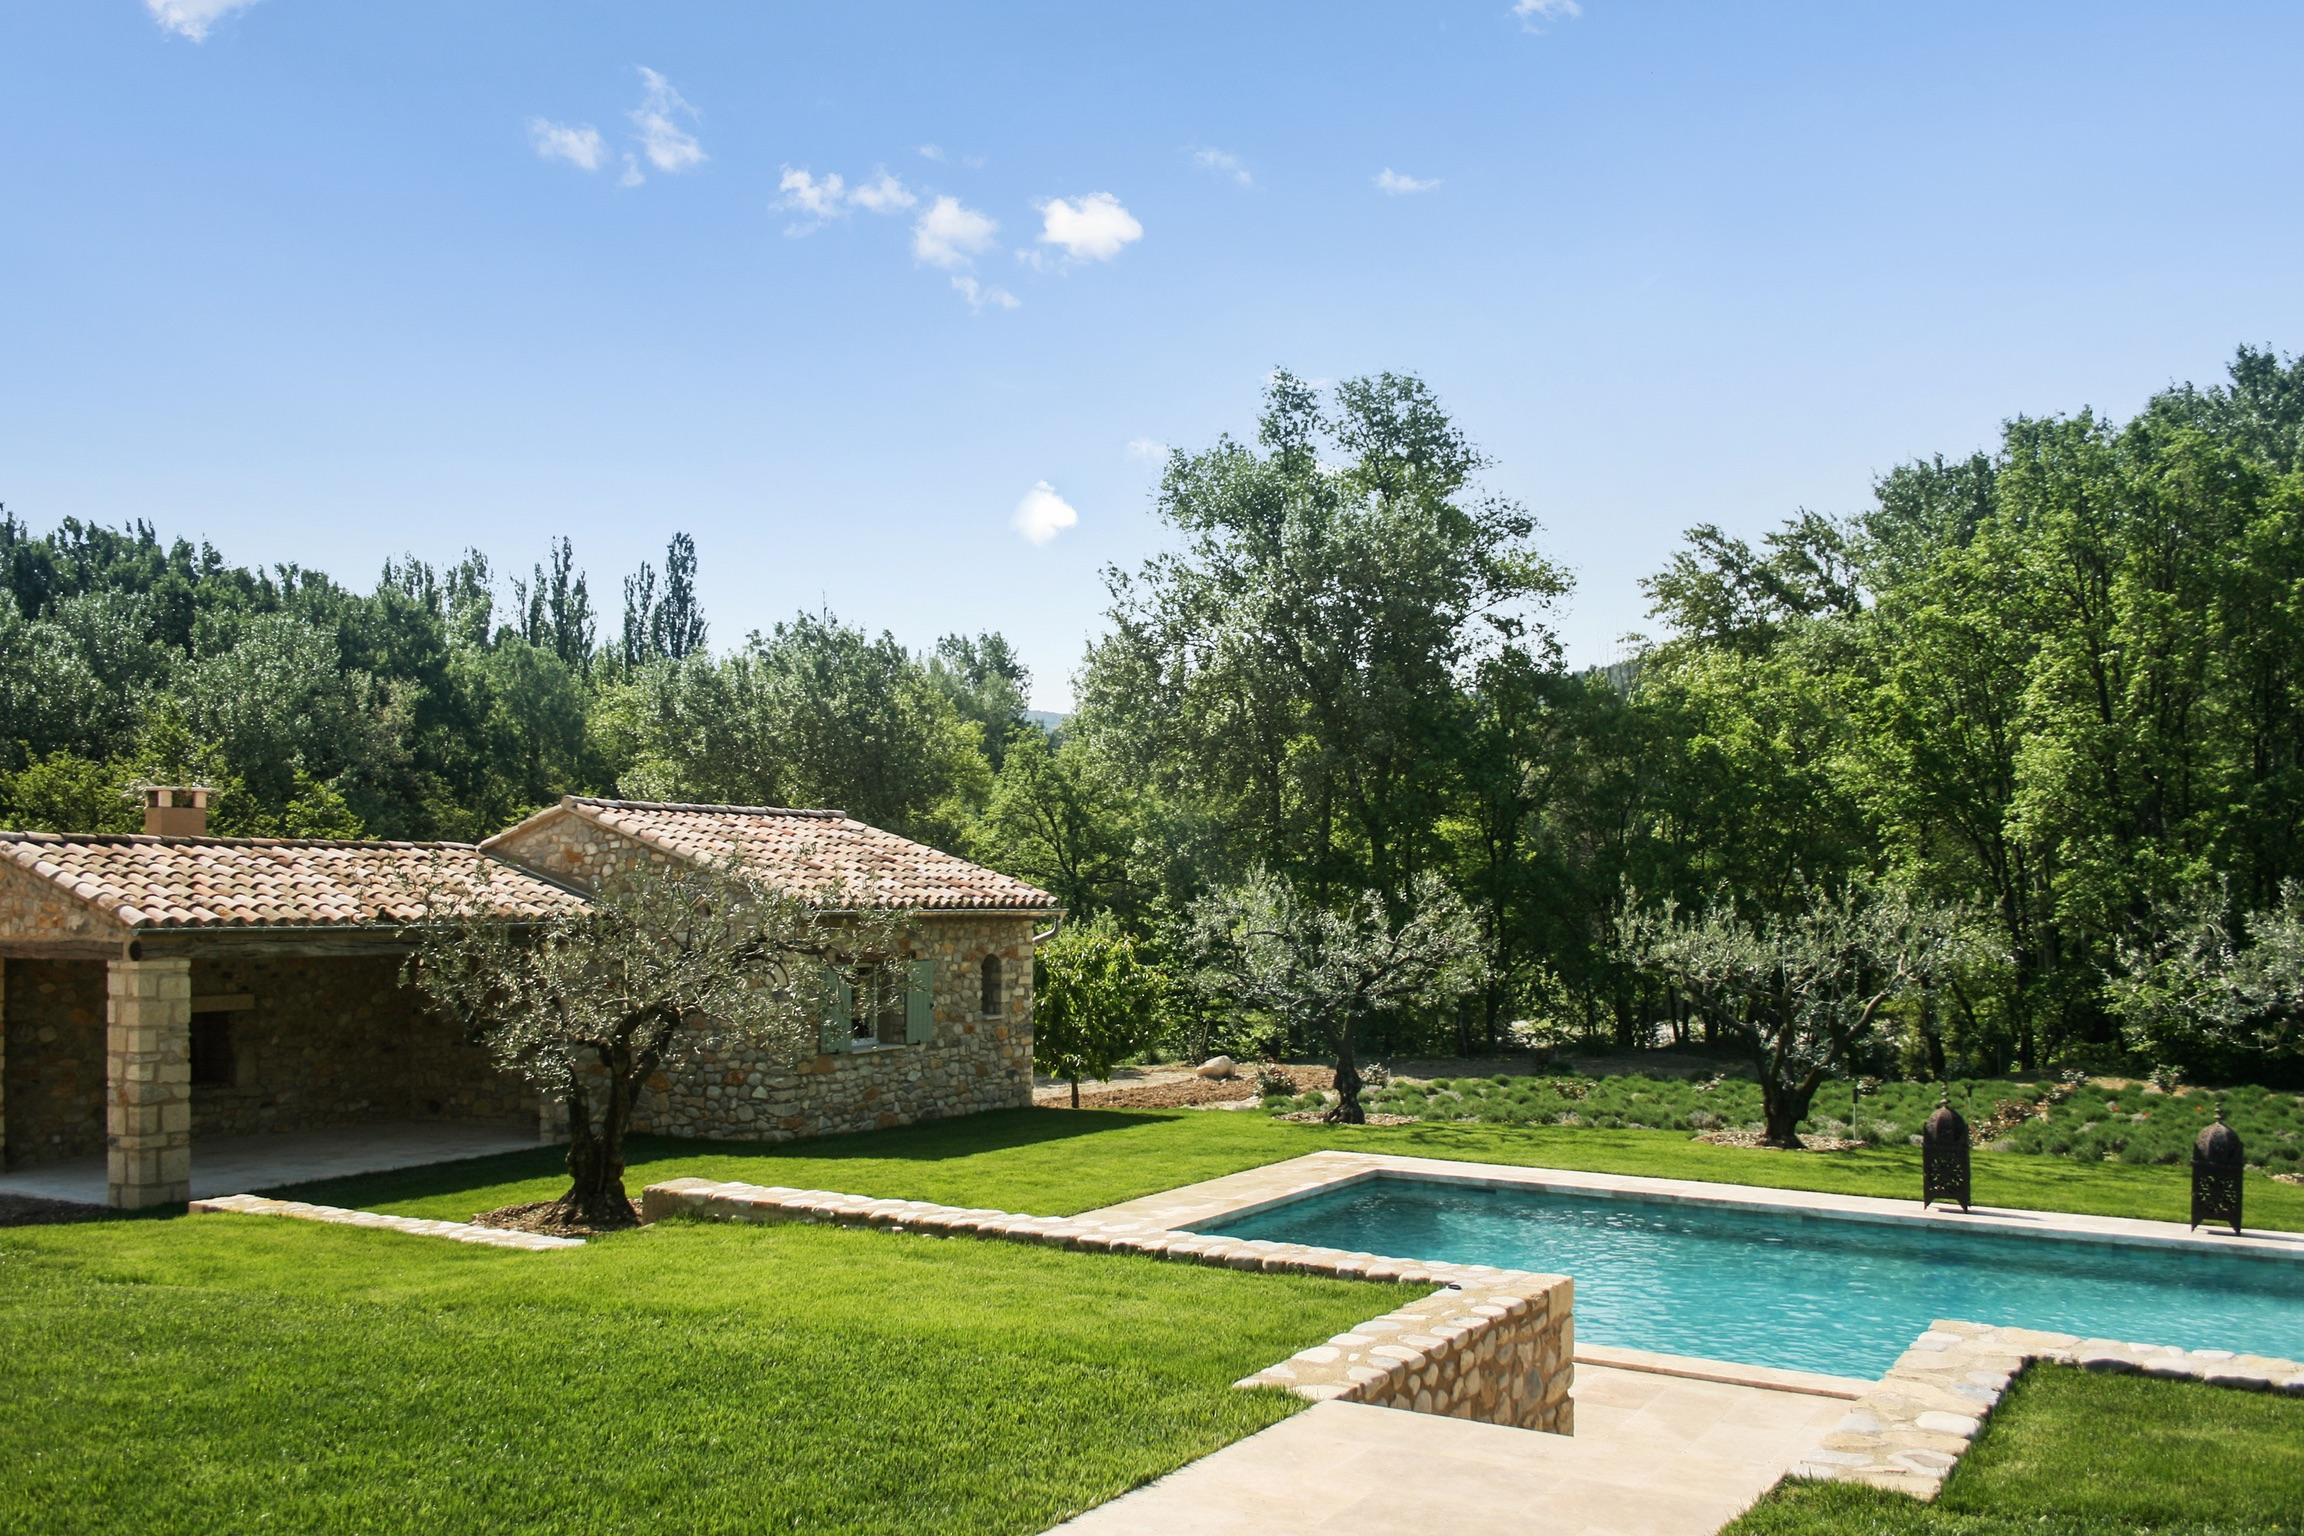 Gut Ausgestattete Villa Mit Pool Auf 4 Hektar Großem Grund, Umgeben Von  Wald Und Einem Fluss.